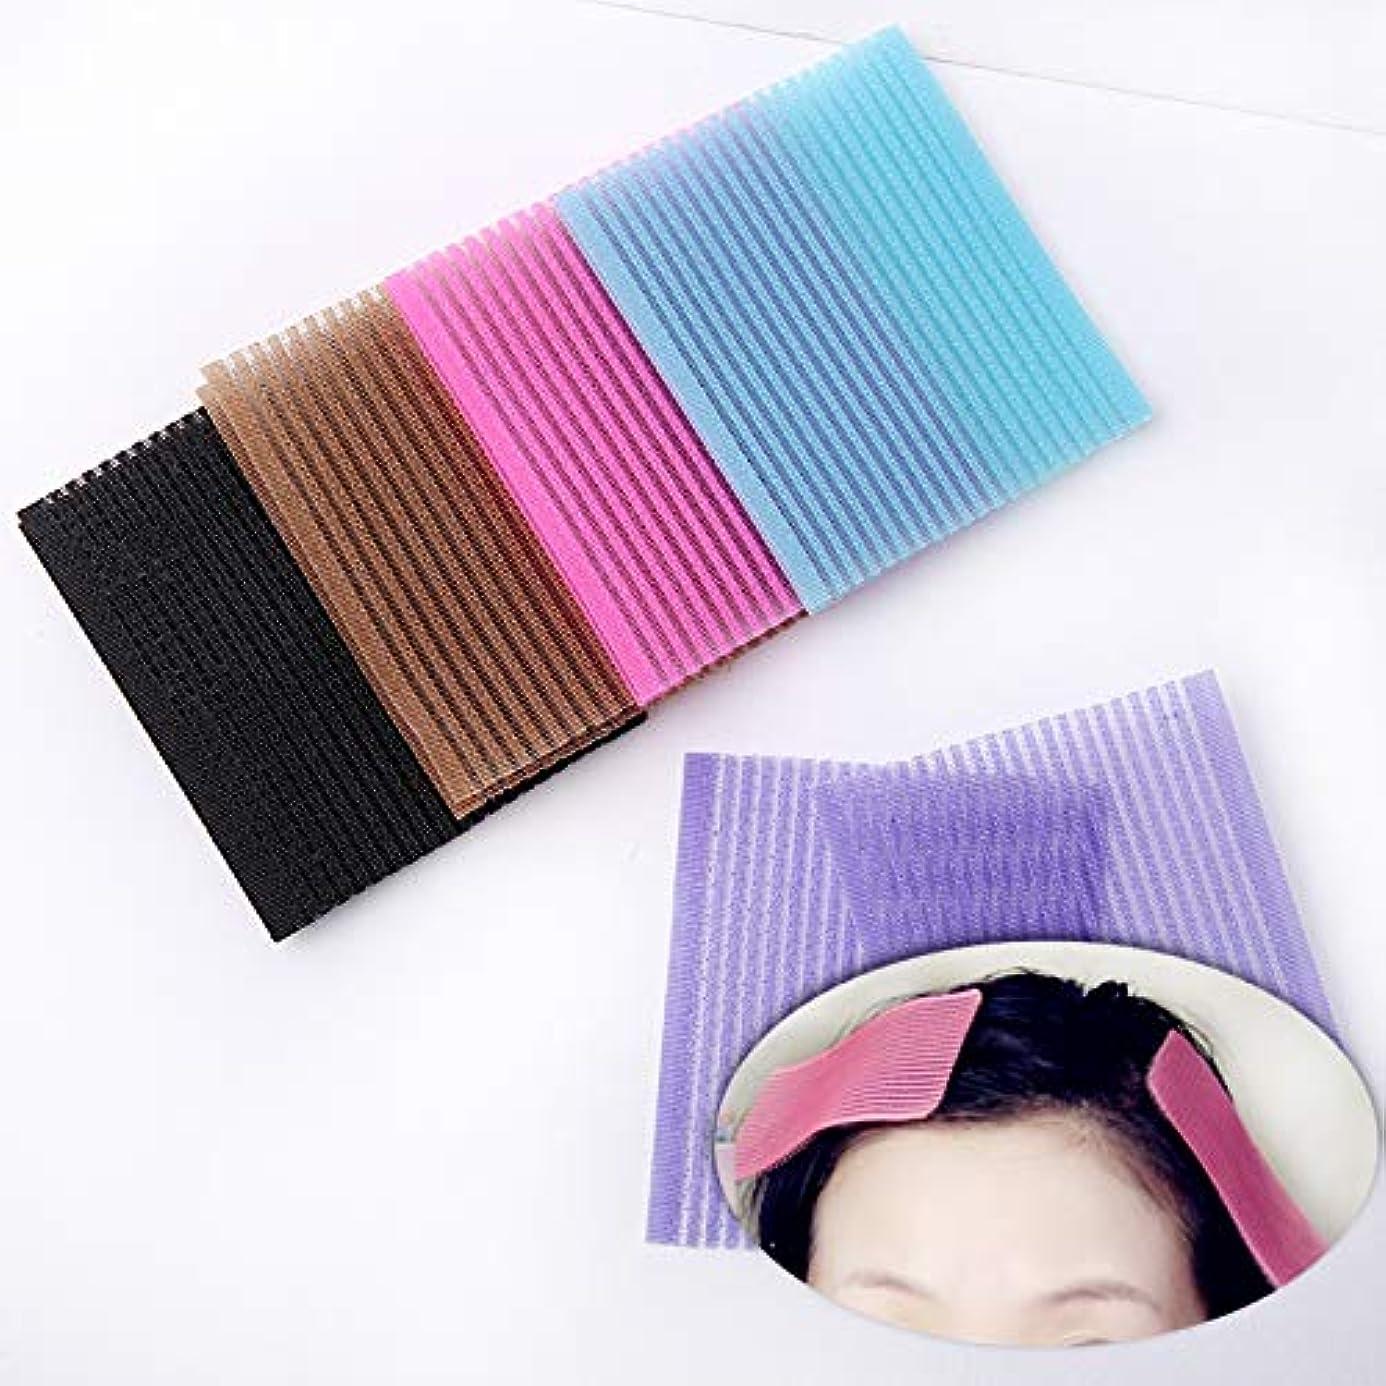 謙虚勤勉にはまって(Sincere NO.1)前髪とめーる 2枚入り 長方形型 前髪固定シート 単品 セット販売